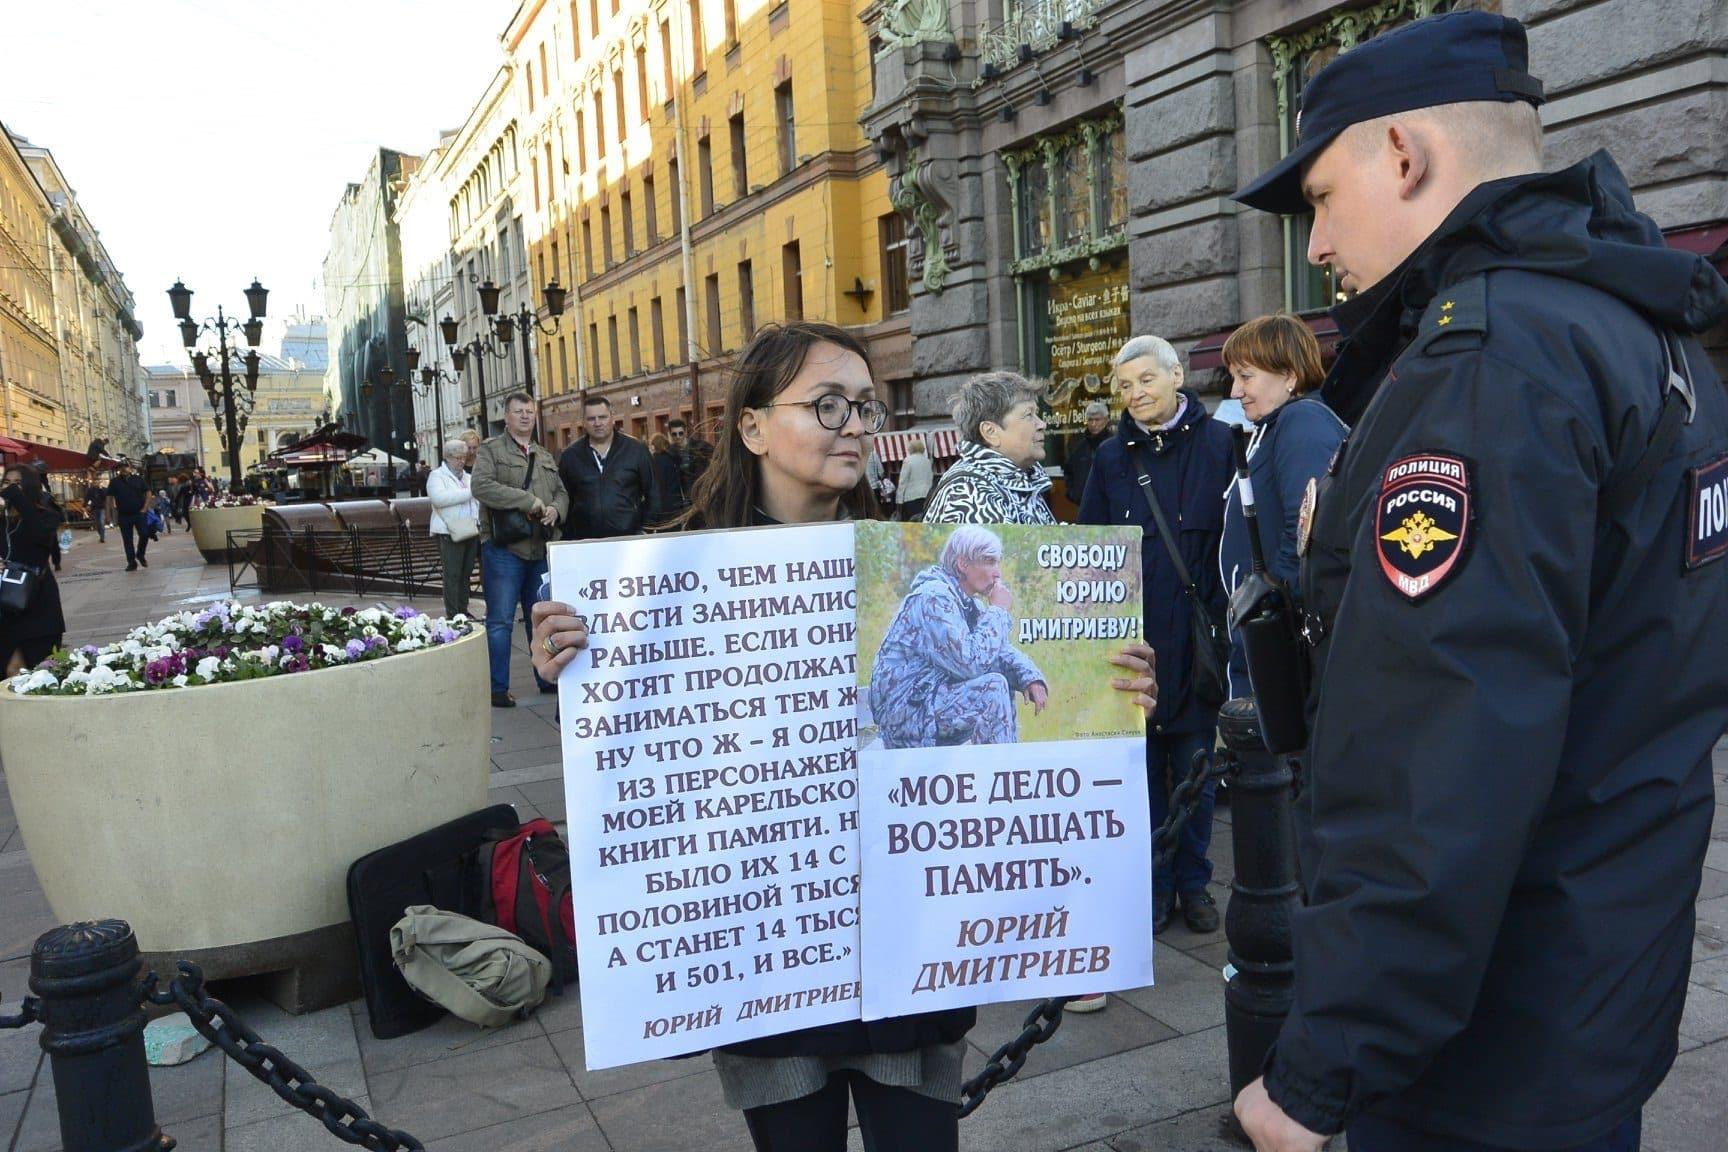 Елена Григорьева, за что убили, активистка: кто такая, что известно о Елене Григорьевой, последние новости